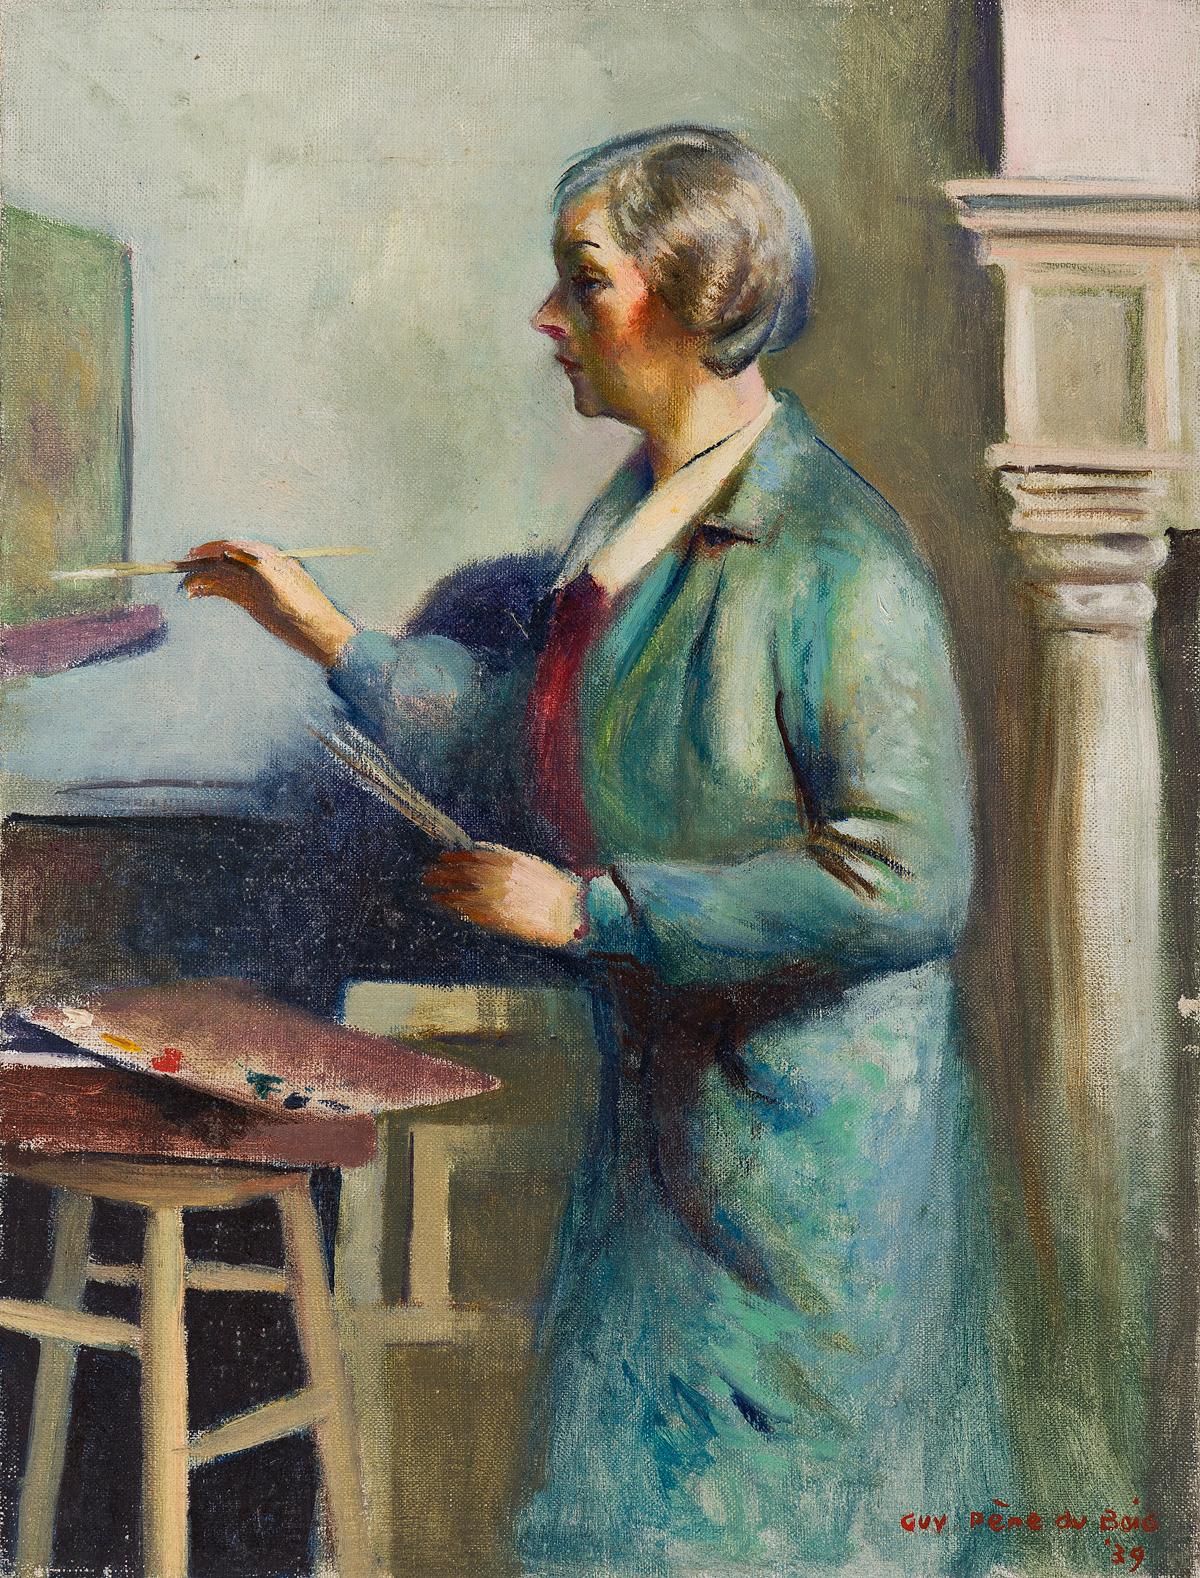 GUY-PÈNE-DU-BOIS-A-Woman-Painting-(Elizabeth-Jones)